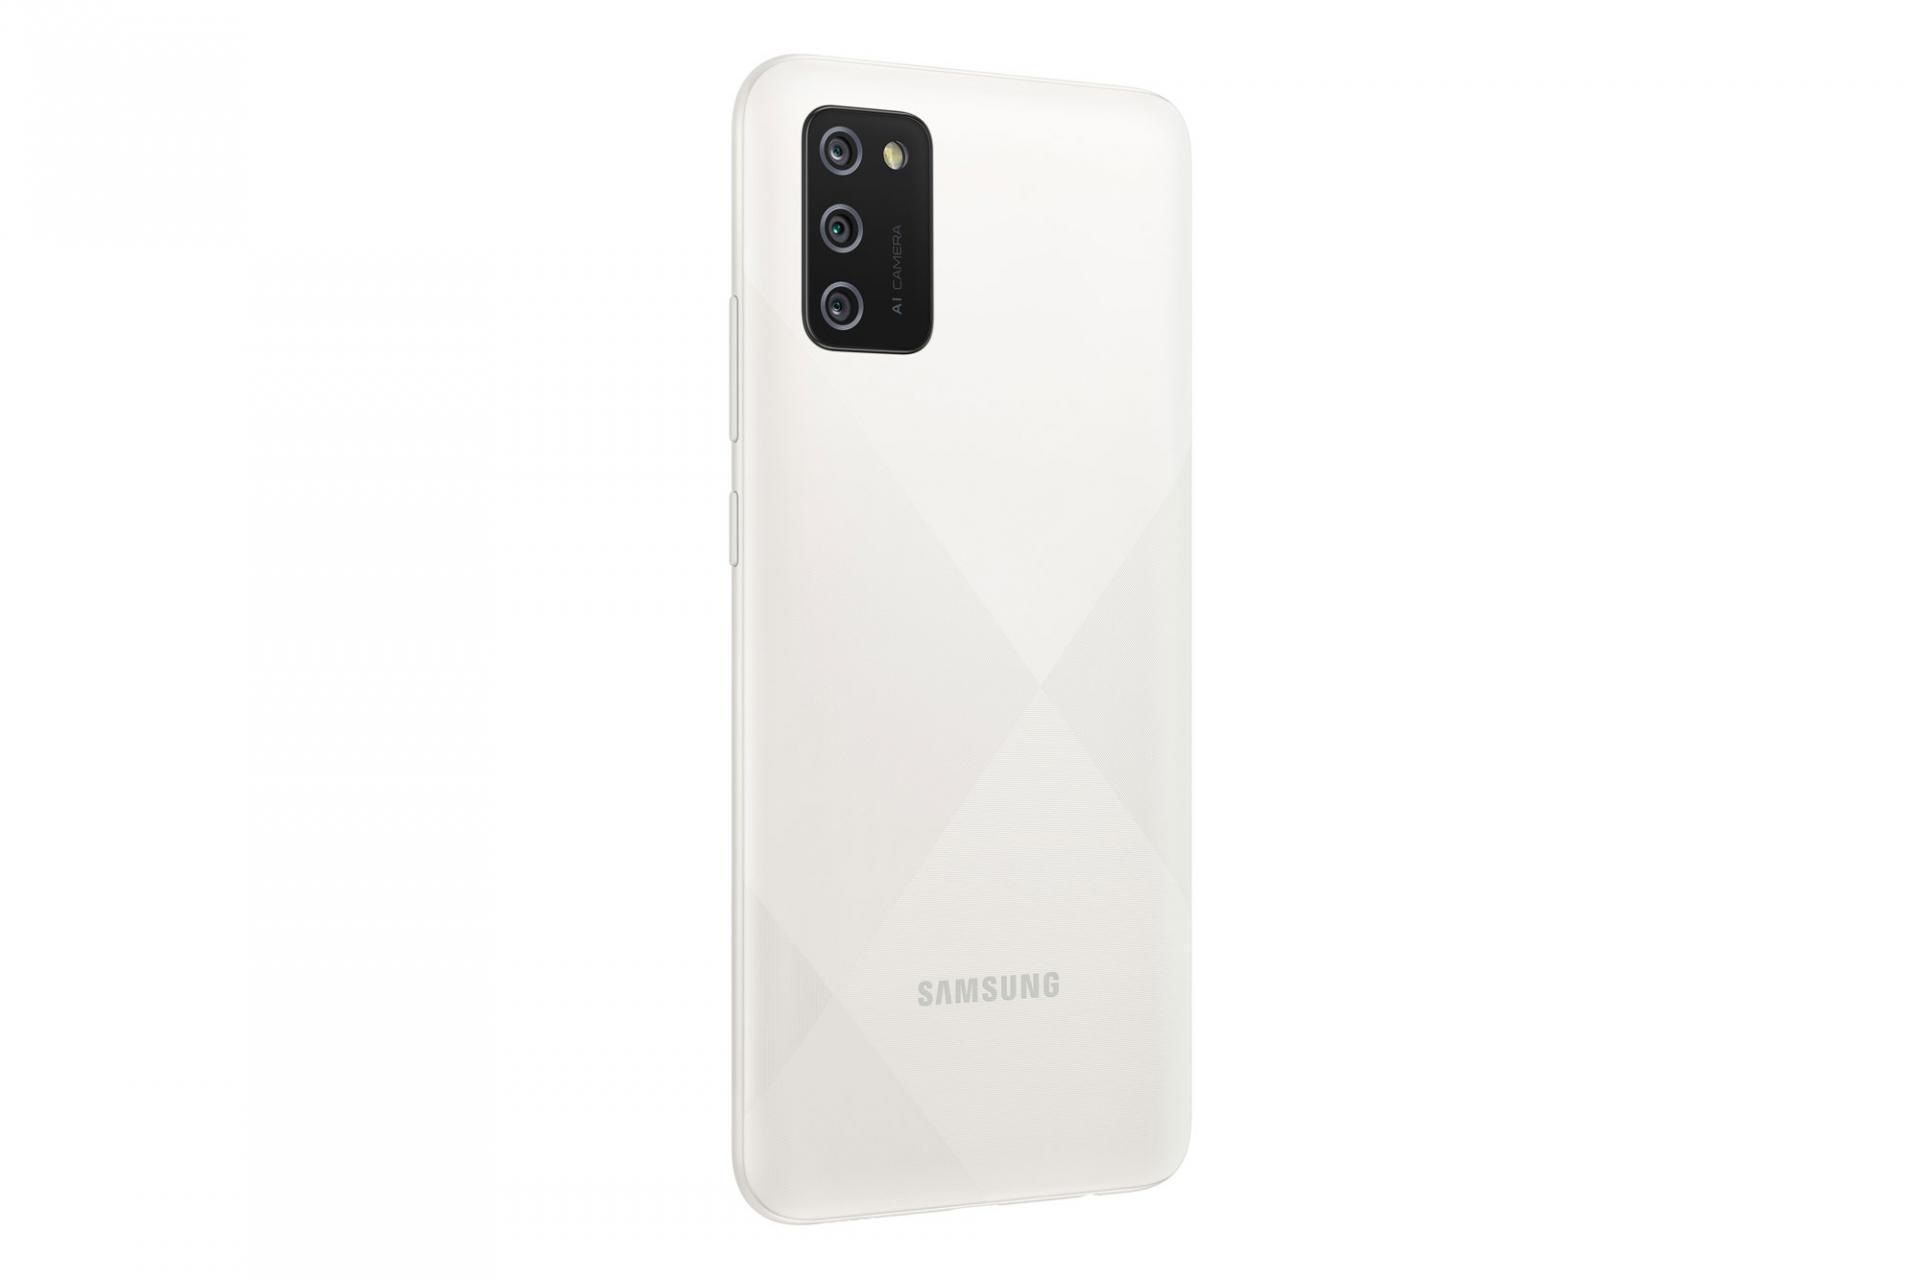 Этот среднебюджетный смартфон Samsung точно будут покупать — Galaxy A02s